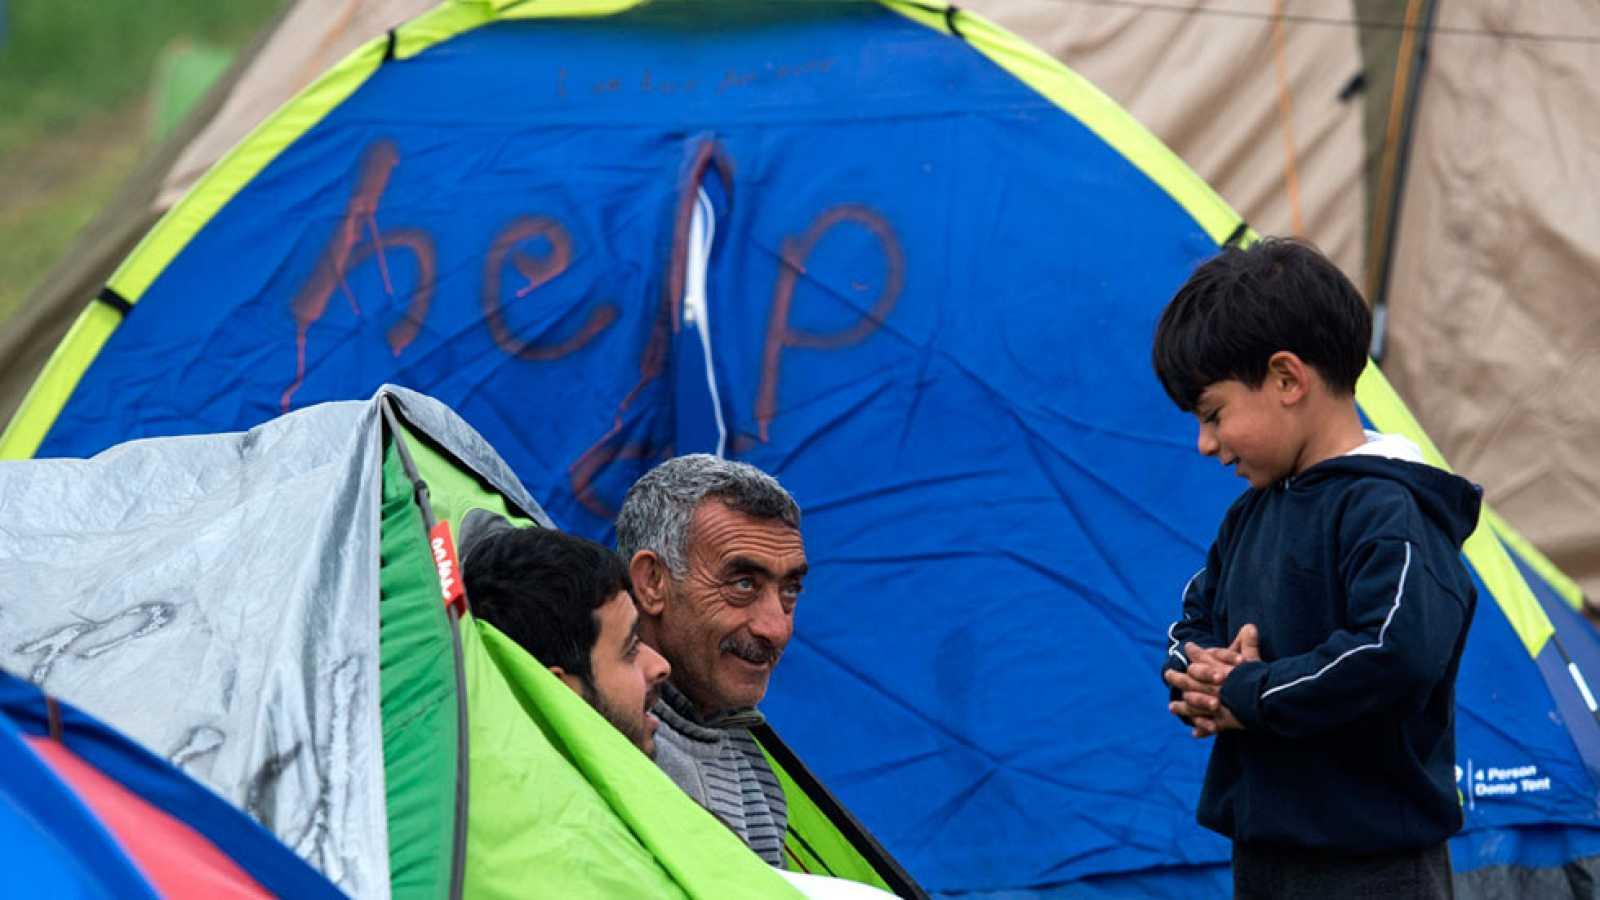 Los refugiados esperan una solución que les permita acogerse en Europa